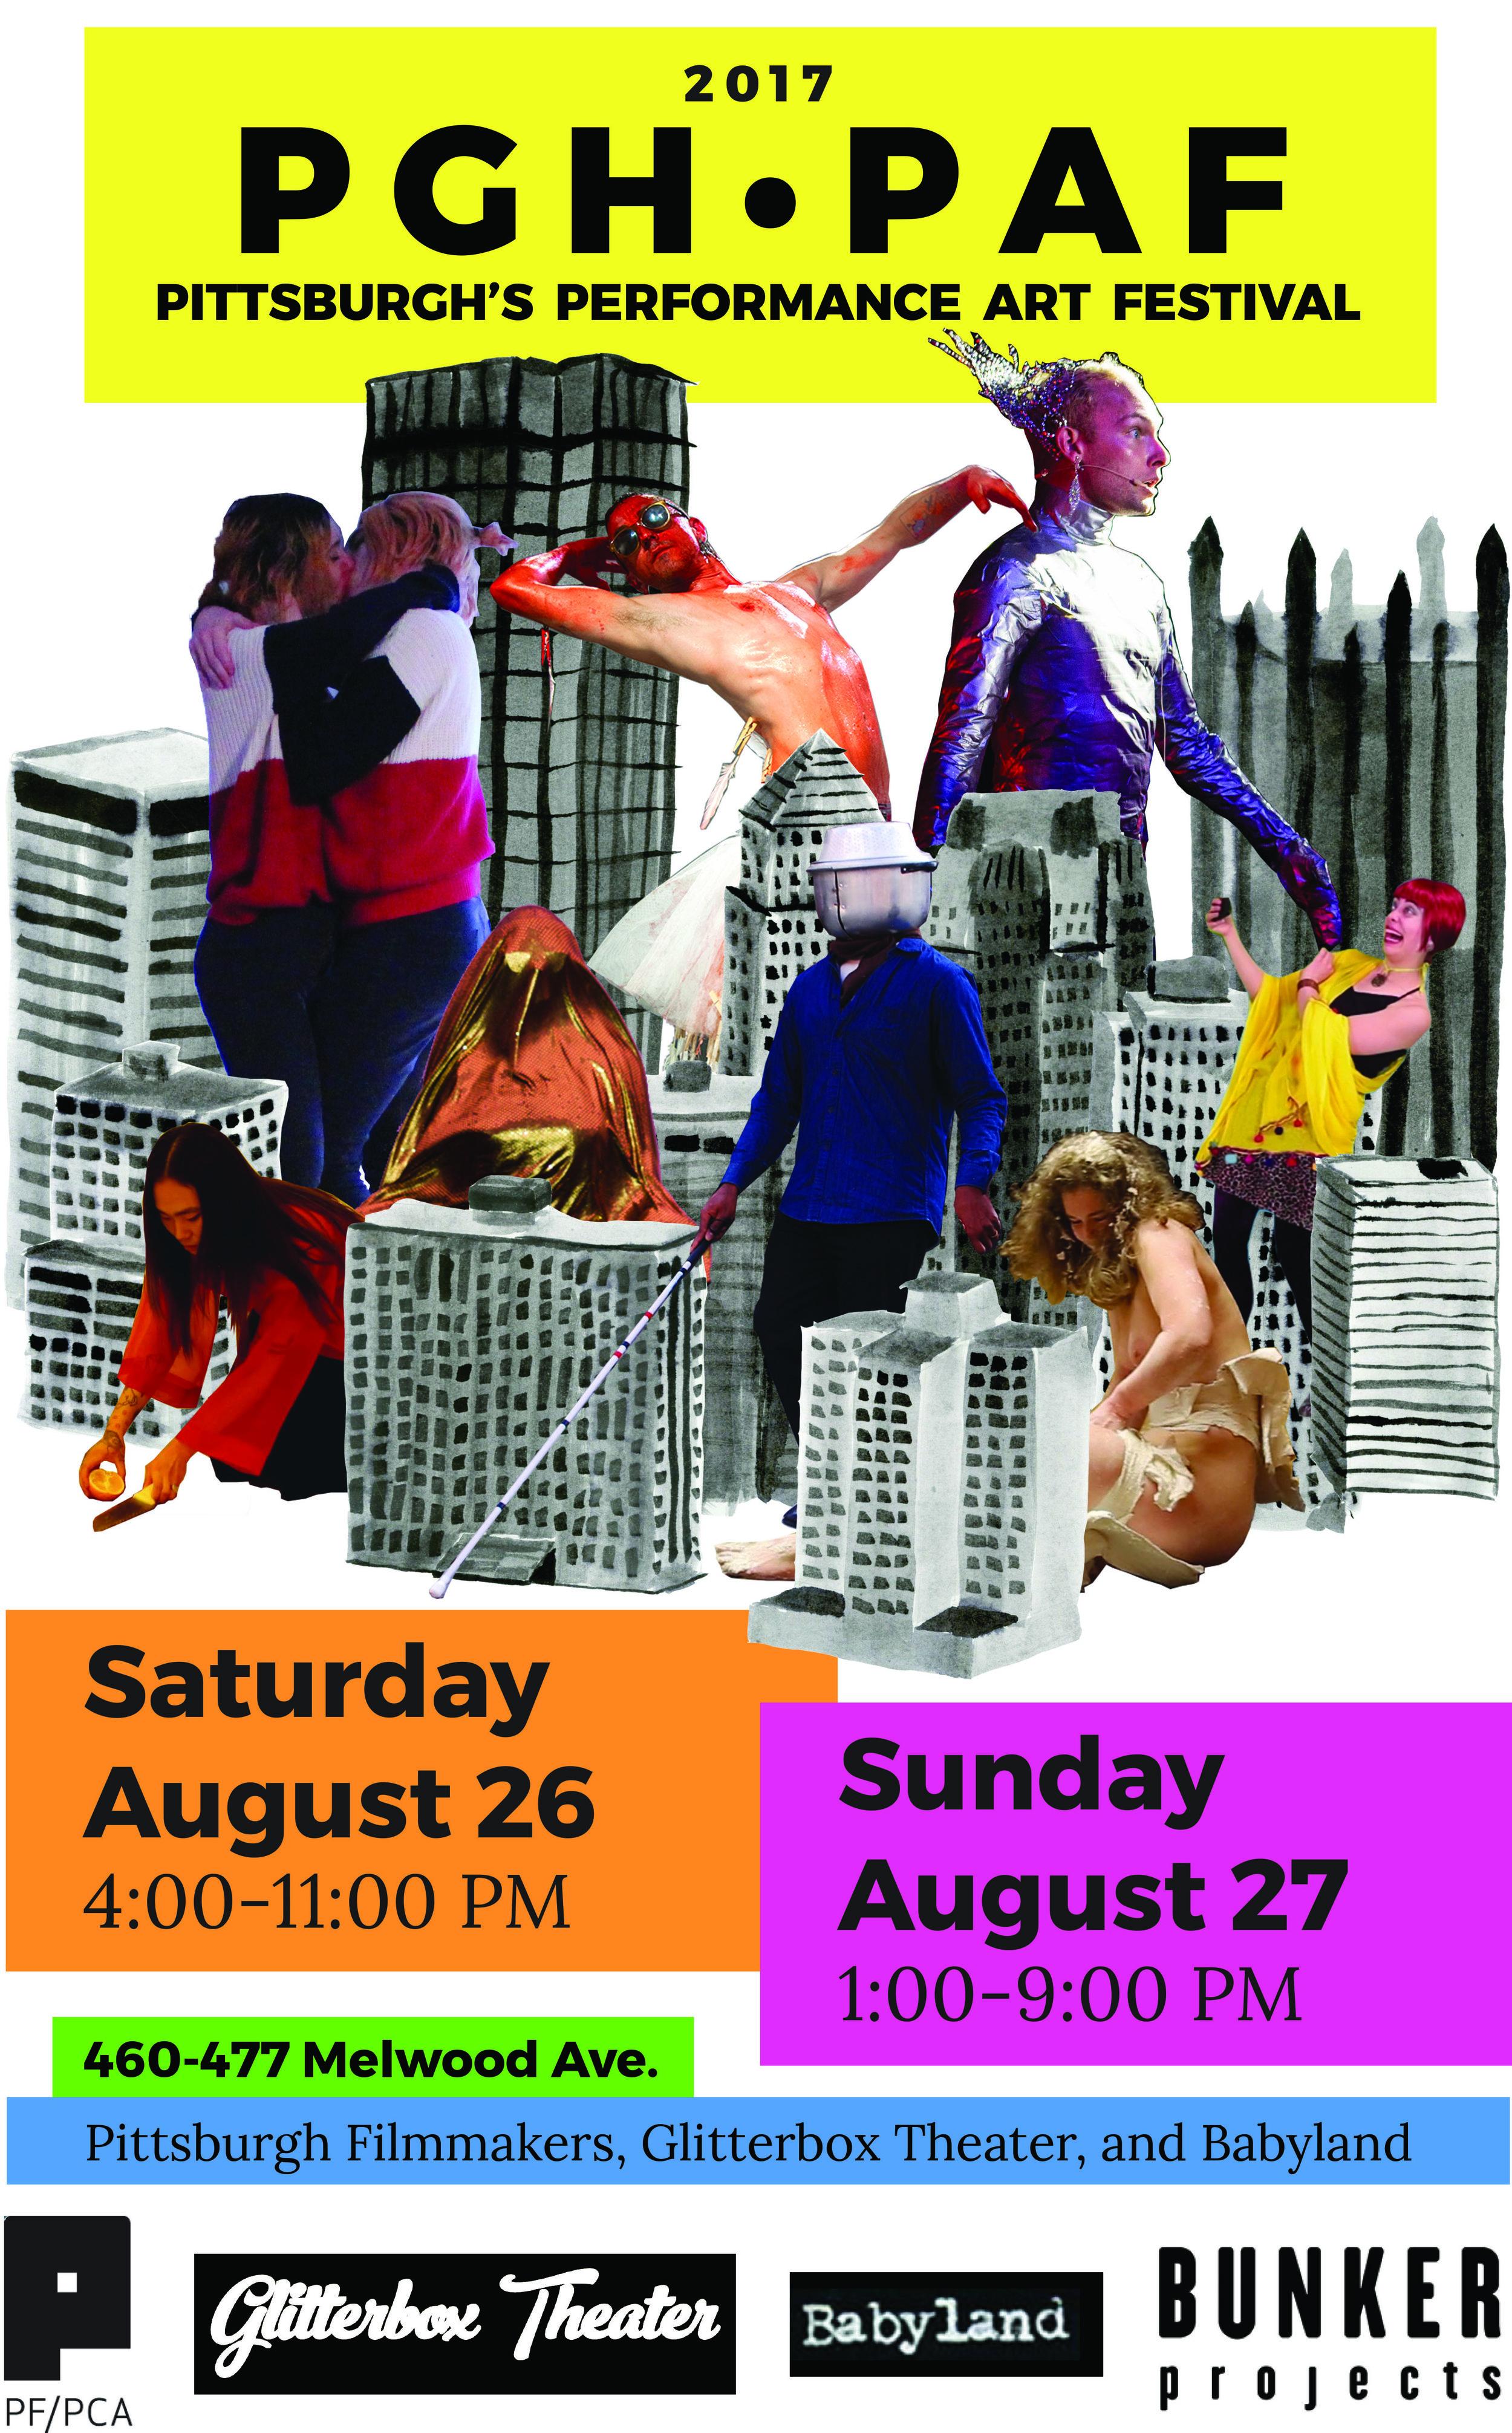 Pittsburgh's Performance Art Festival 2017